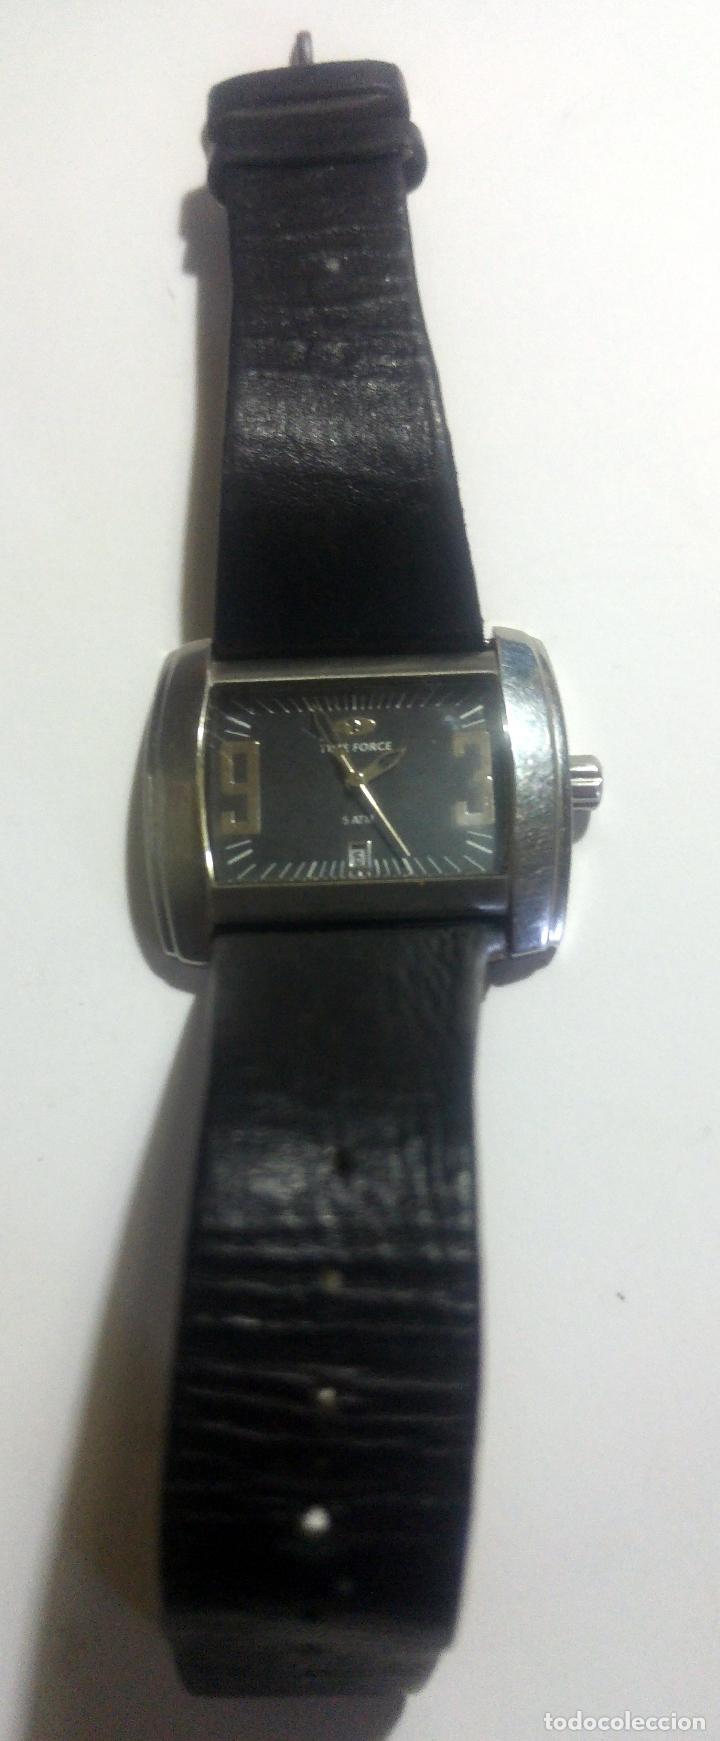 Relojes: Reloj Time Force 2628J - Foto 4 - 194532951